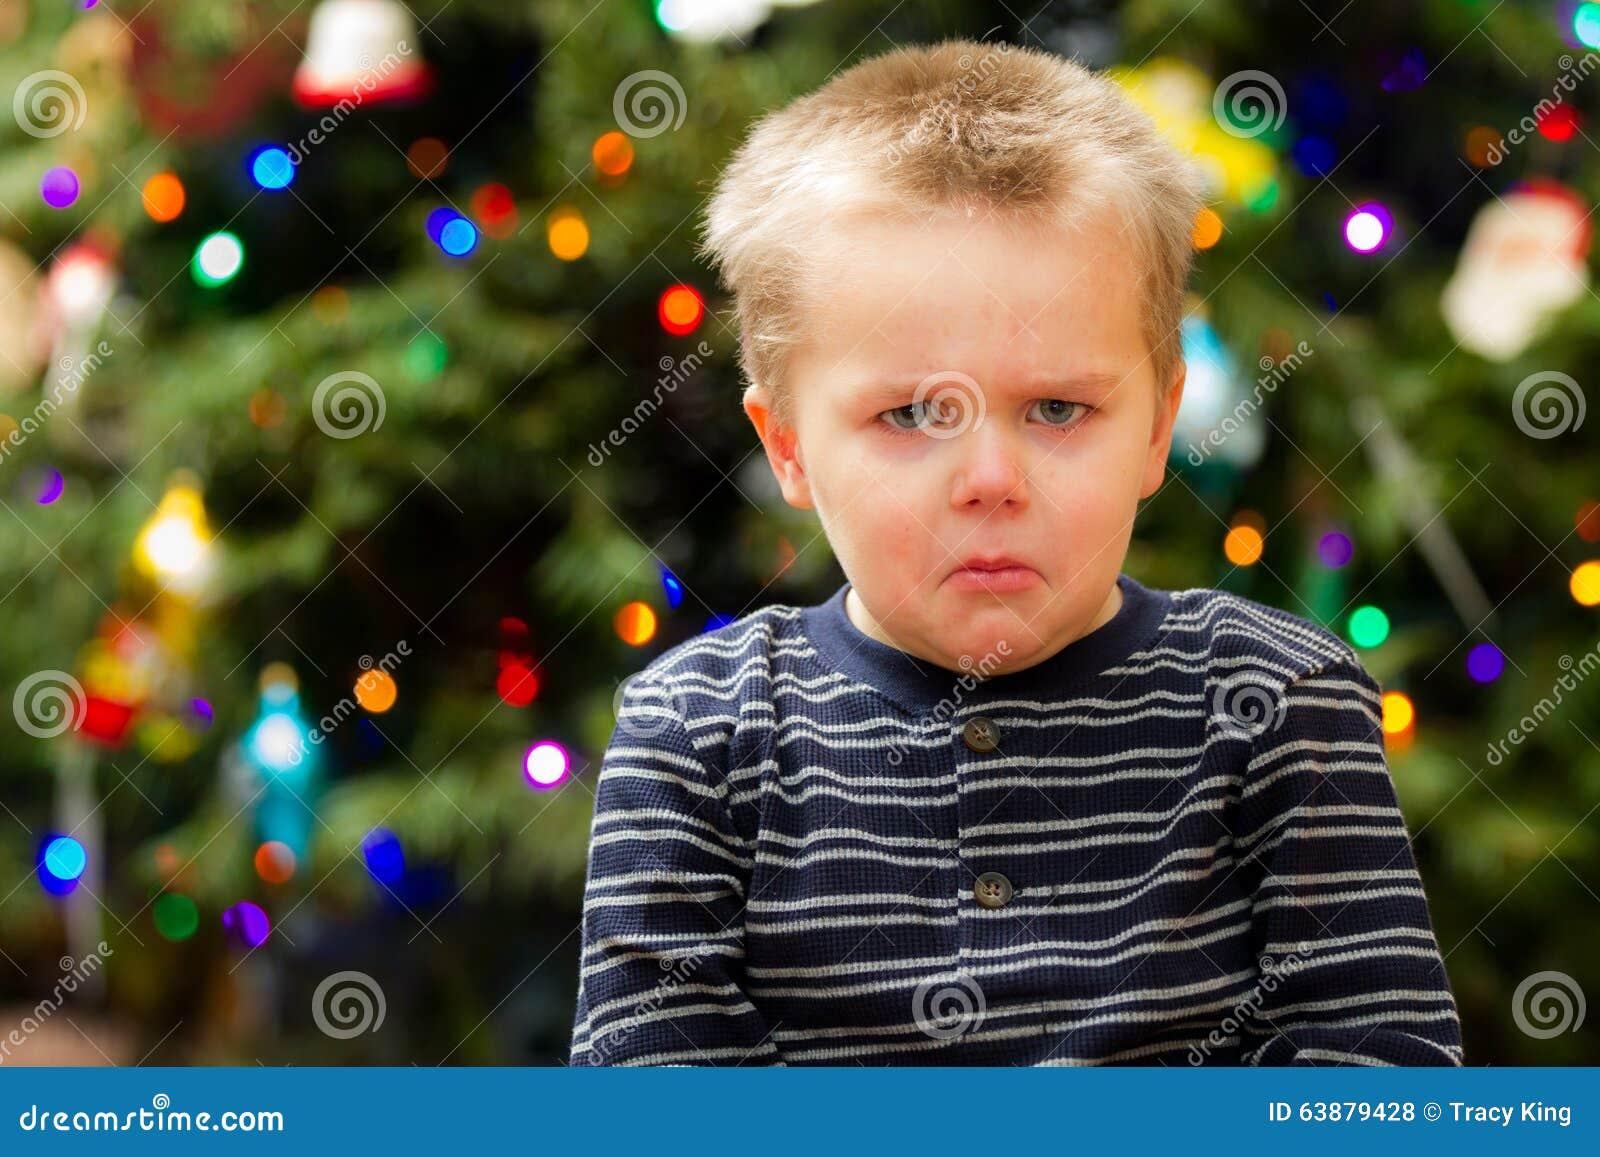 Very Sad Christmas For This Guy Stock Photo - Image: 63879428